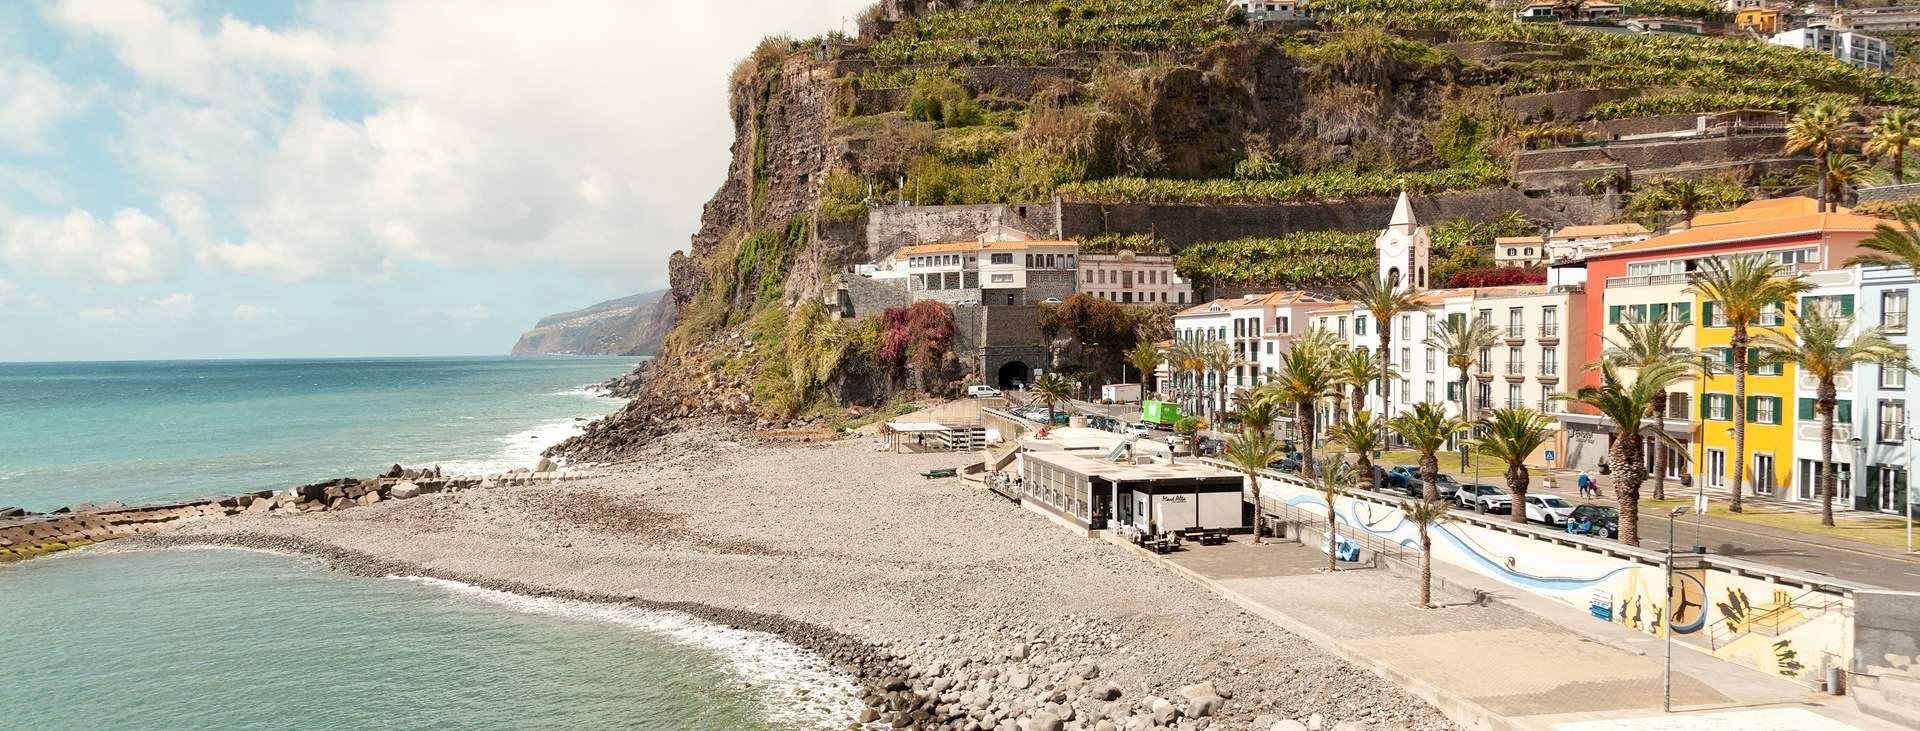 Bestill en reise med Ving til Ponta do Sol på Madeira